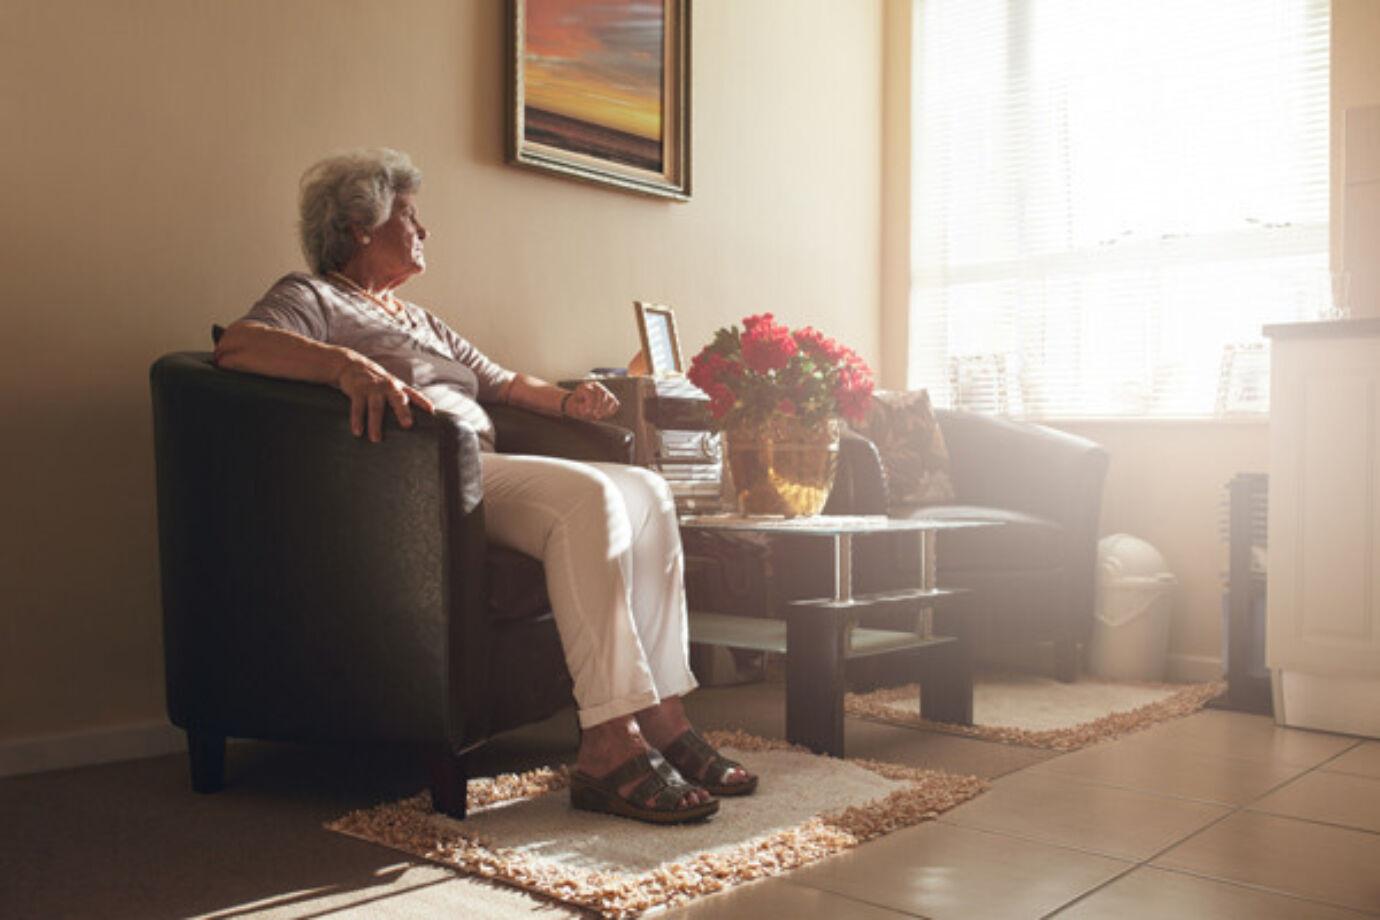 Oudere vrouw door het raam aan het kijken vanuit haar kamer